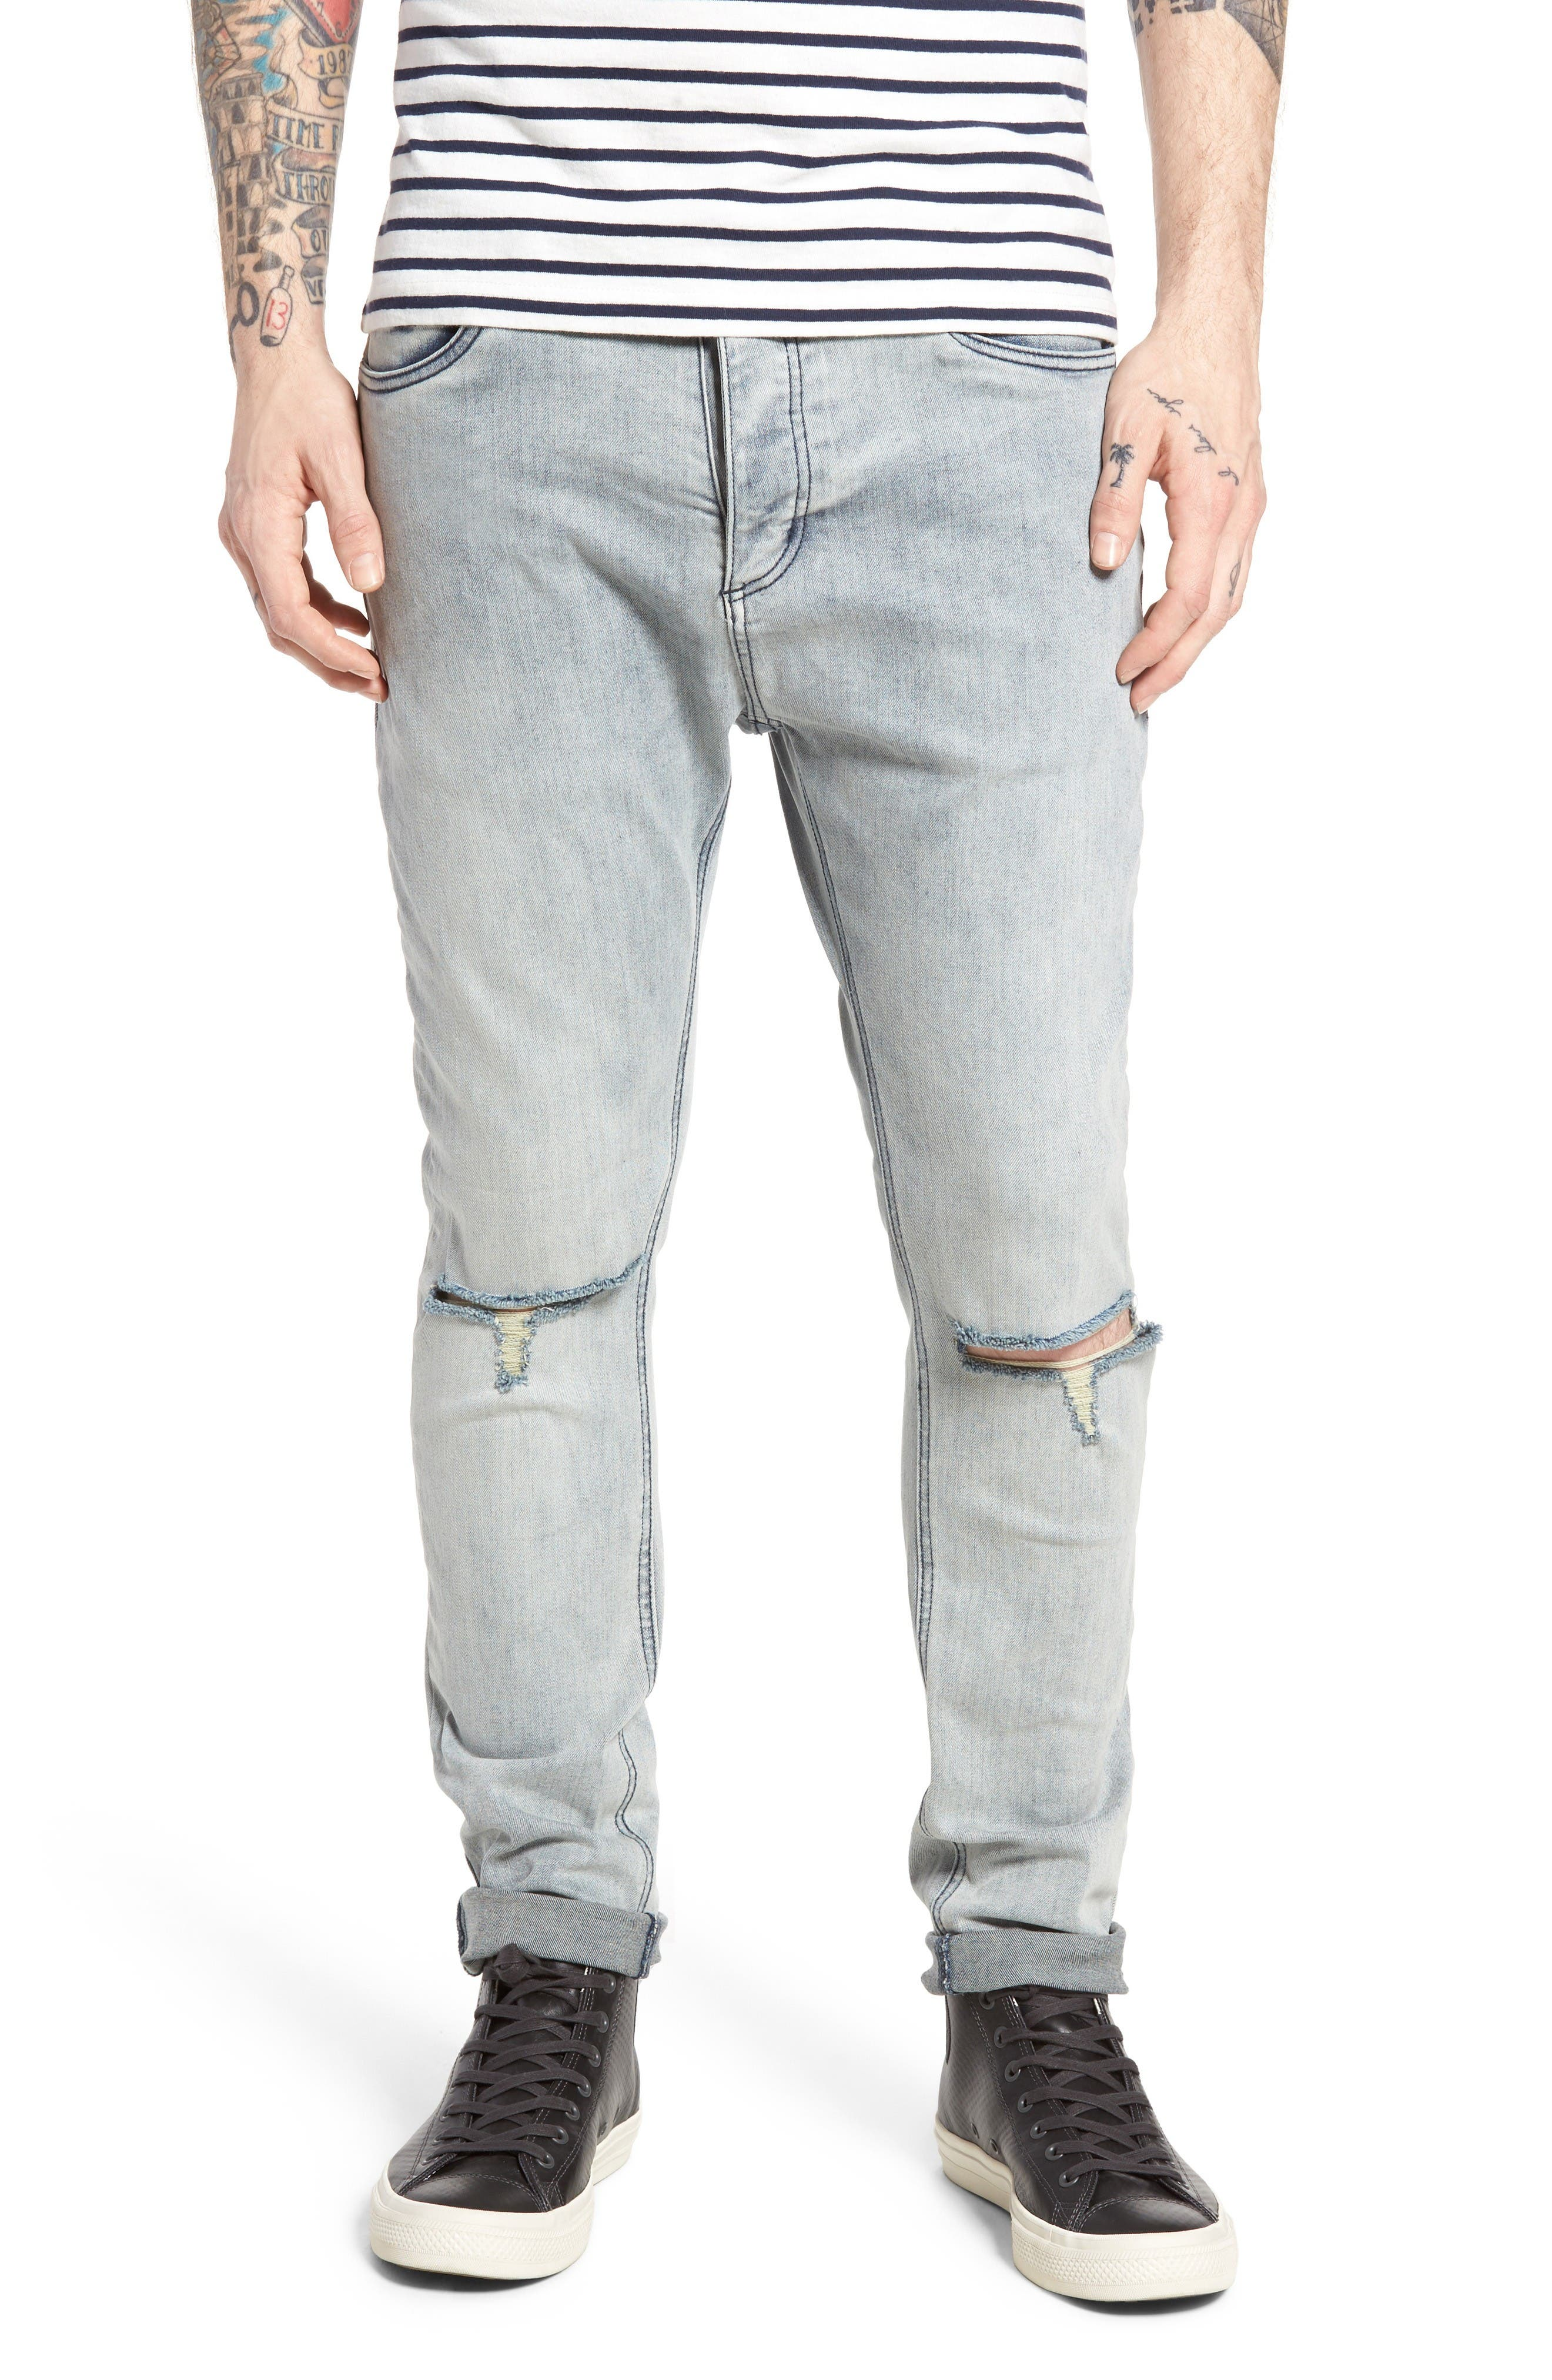 ZANEROBE Joe Blow Destroyed Denim Jeans (Smooth Blue)